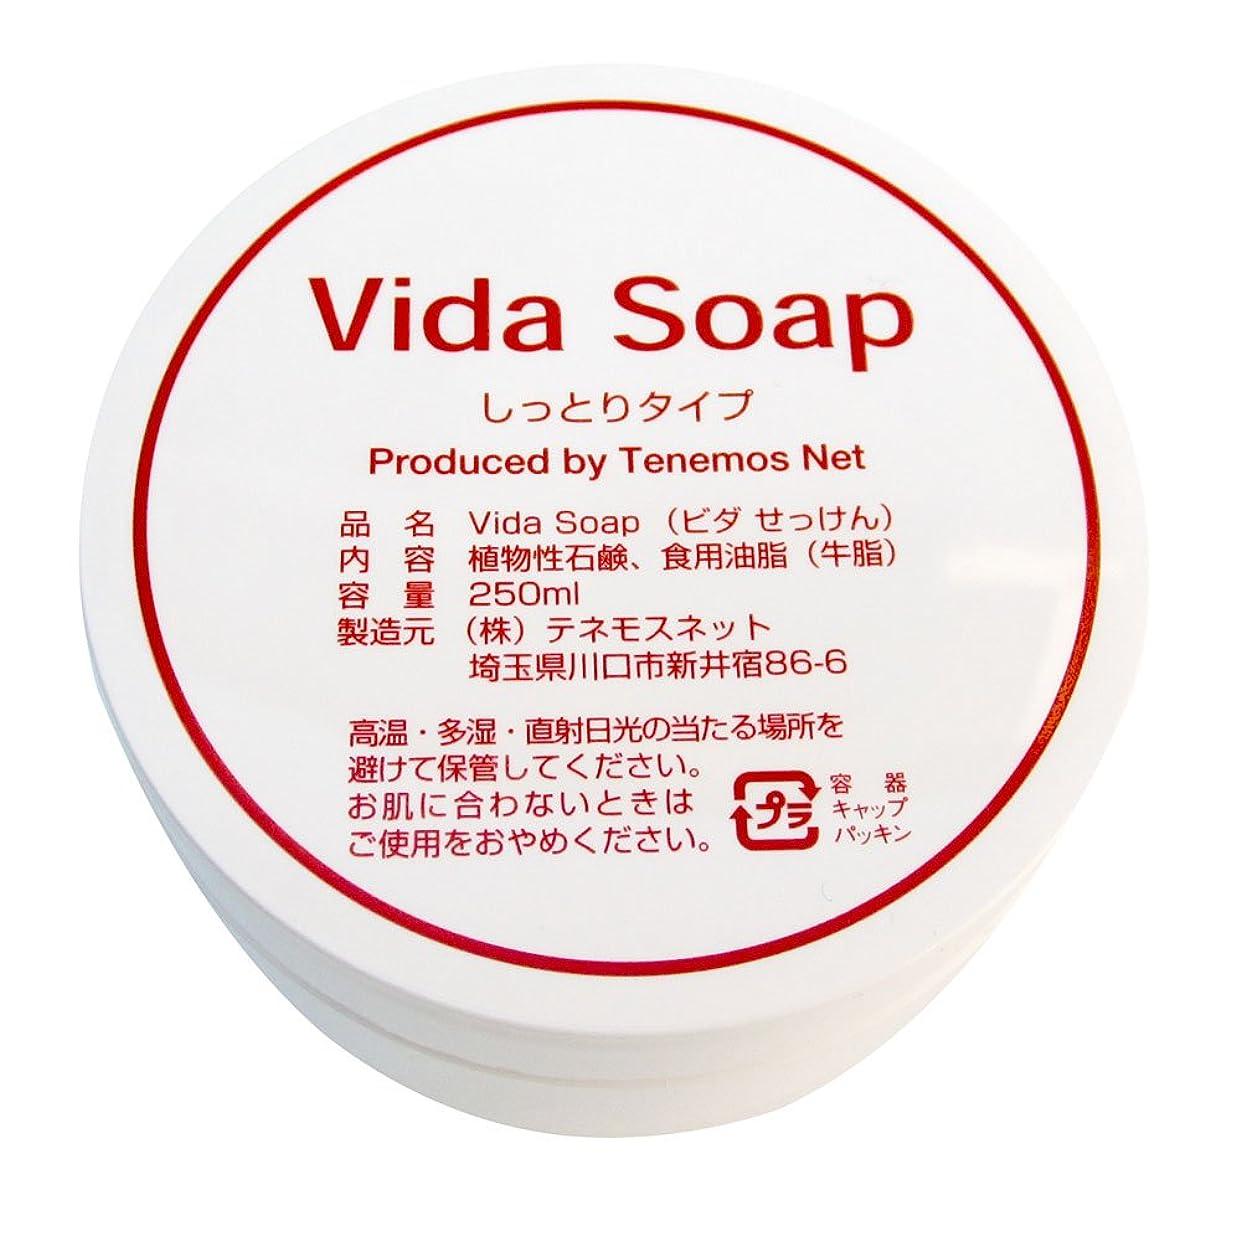 闇調子小説家テネモス ビダせっけん Vida Soap しっとりノーマル 動物性 250ml